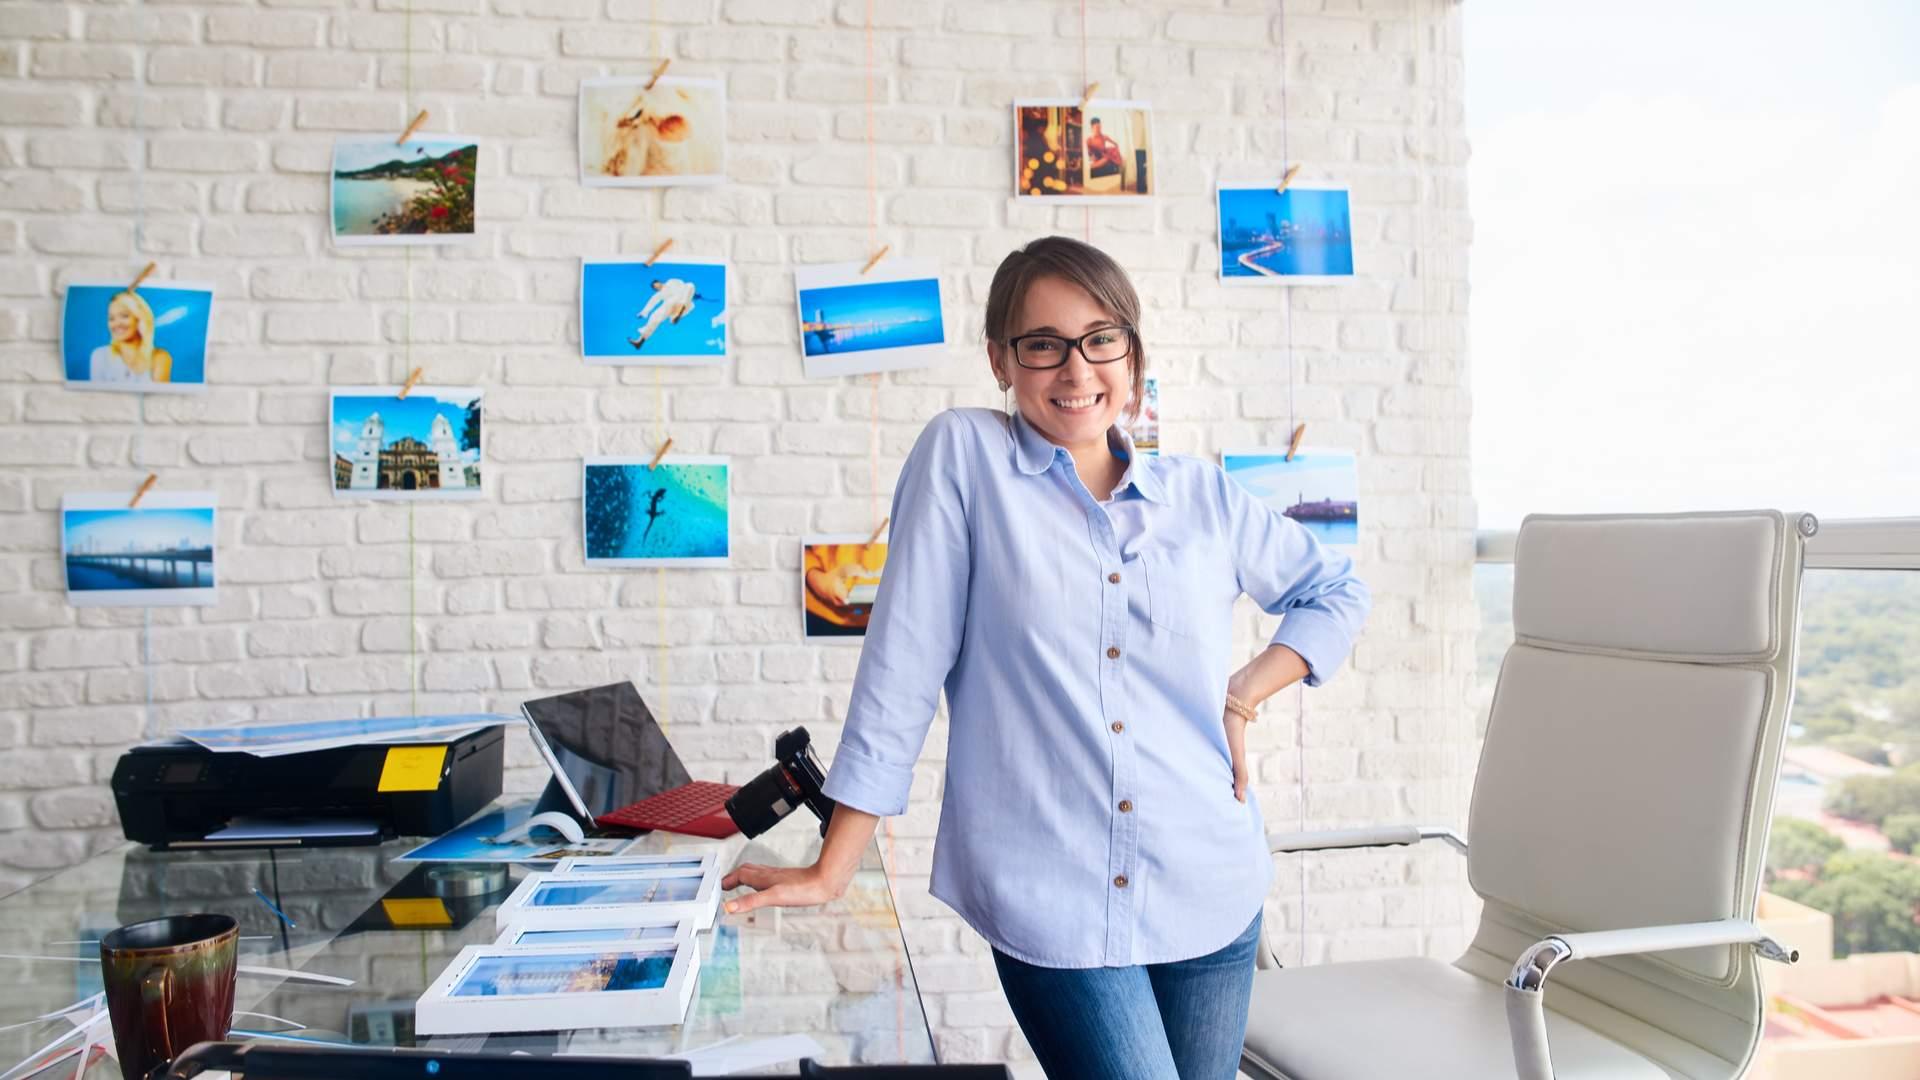 O que acha de usar impressoras fotográficas e ter o seu próprio estúdio? (Fonte: Shutterstock/Diego Cervo)